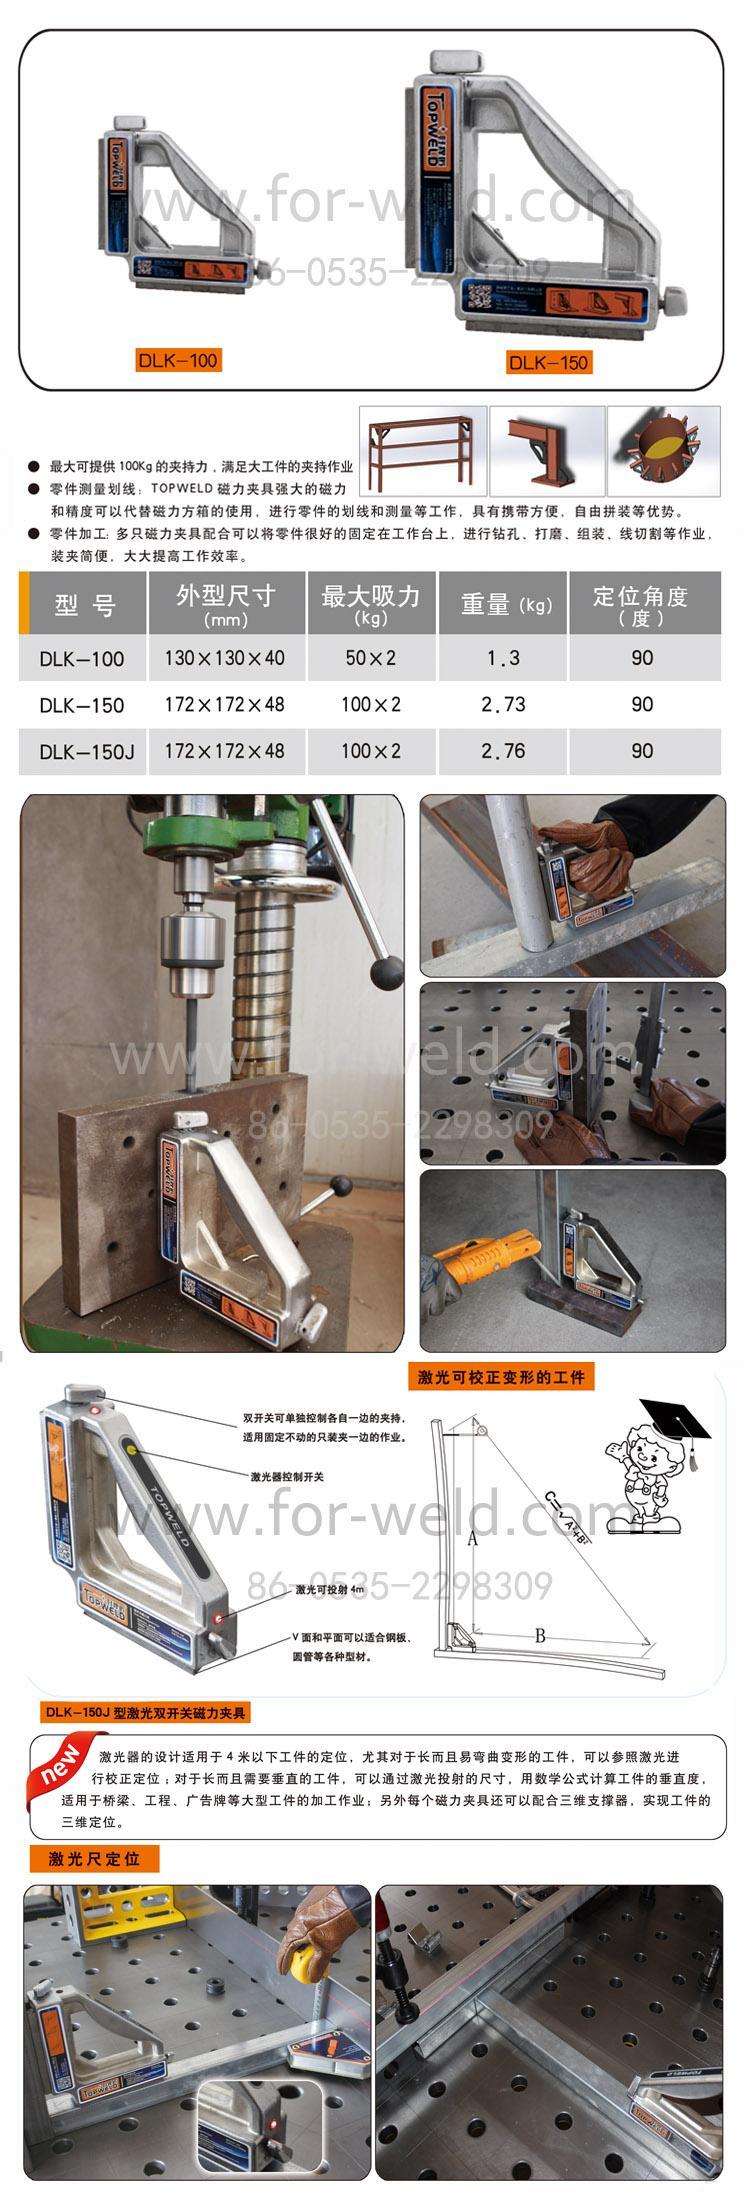 廠家直銷 供應 TOPWELD好焊匠 磁力焊接夾具,磁力角尺